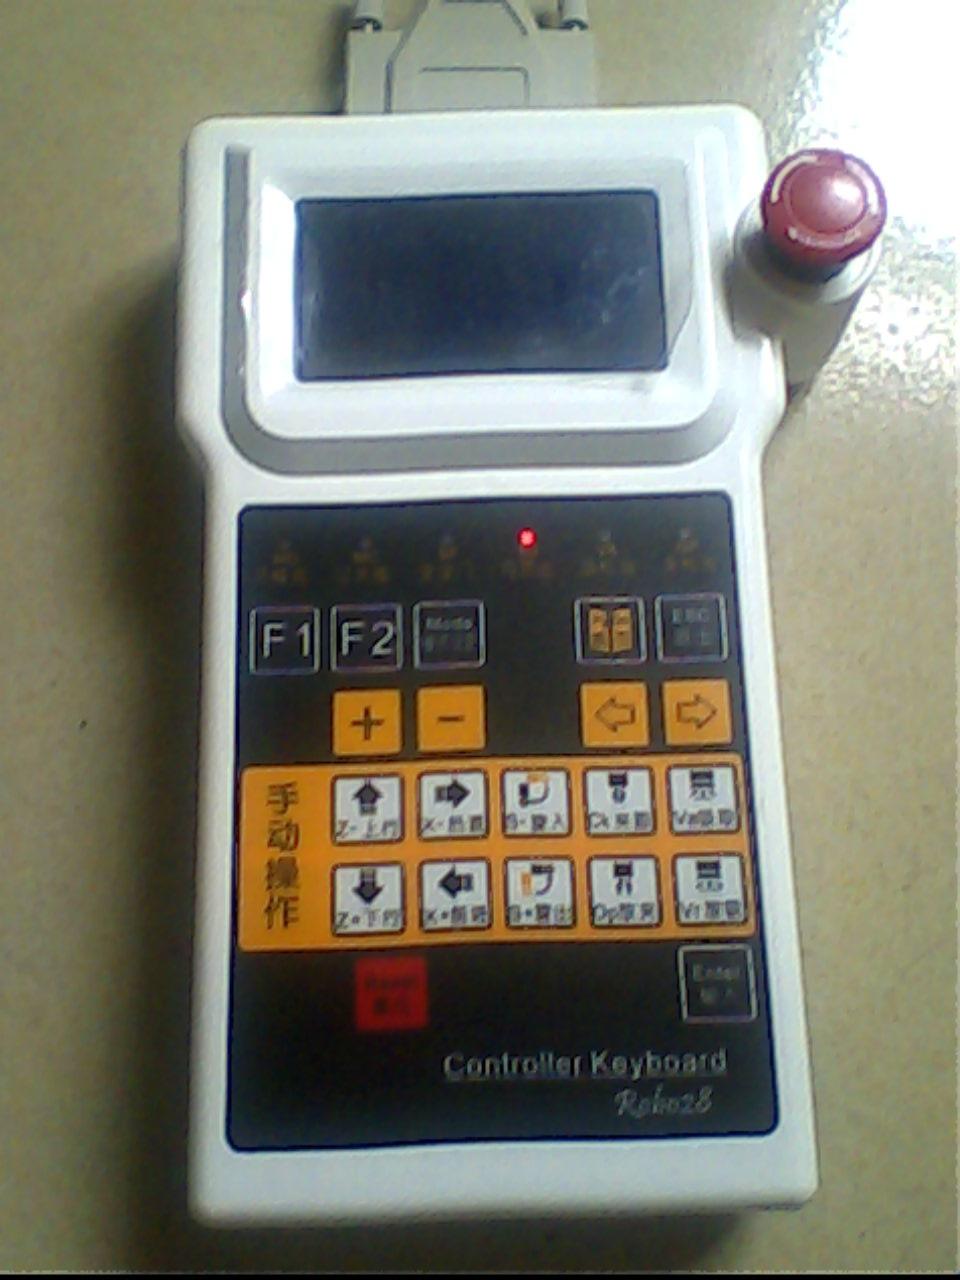 1、12864点阵LCD液晶,中英文显示,人机界面友好。 2、PCB采用四层板结构,抗干扰能力更强。 3、系统响应速度快,动作控制精度高。 4、产品选用优质元器件,经多方面测试,可靠性高,系统抗干扰能力强;使用干接点信号和注塑机输入、输出相连接,避免了相互干扰。 5、丰富的保护功能,自动检测机器运行情况,及时显示故障报警及故障原因,确保机器的使用安全。 6、100组模号记忆功能,预存20组标准(单臂/双臂)动作程序,用户可自行修改、存储80组动作程序料。 7、本采用贴片元件,提高电路板加工工艺。 8、增加